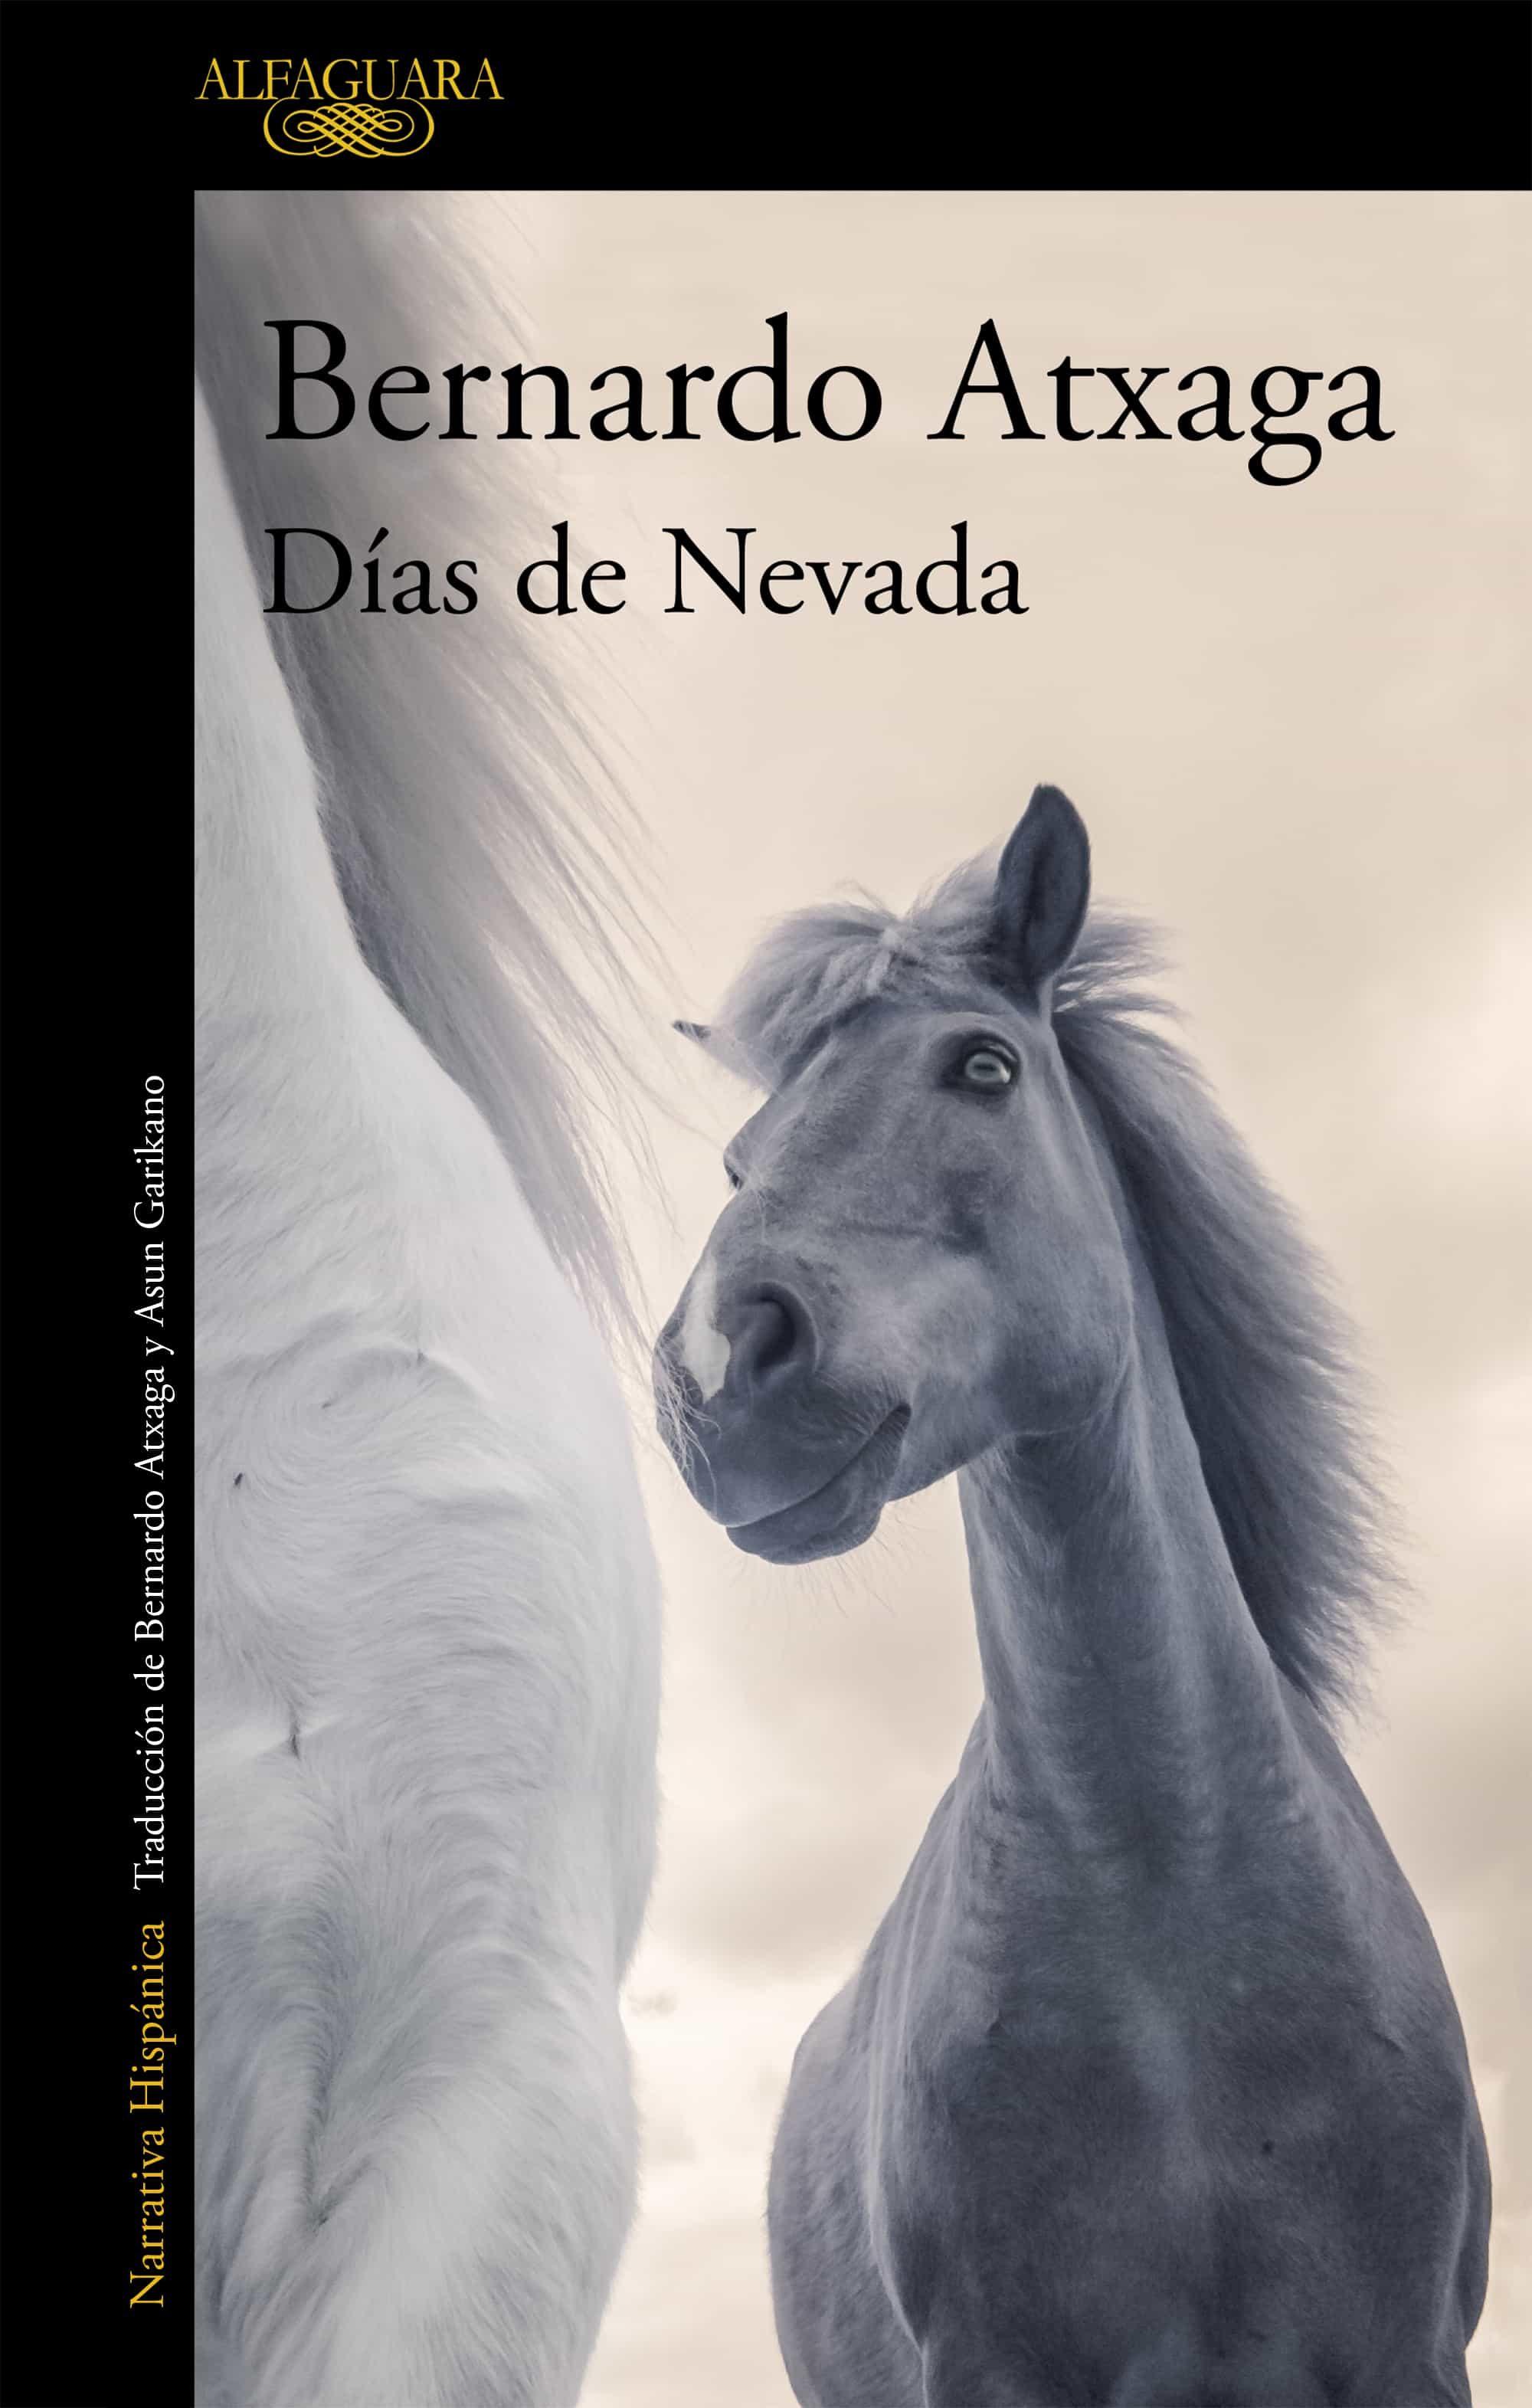 Das de nevada ebook bernardo atxaga descargar libro pdf o das de nevada ebook bernardo atxaga 9788420417417 fandeluxe Image collections